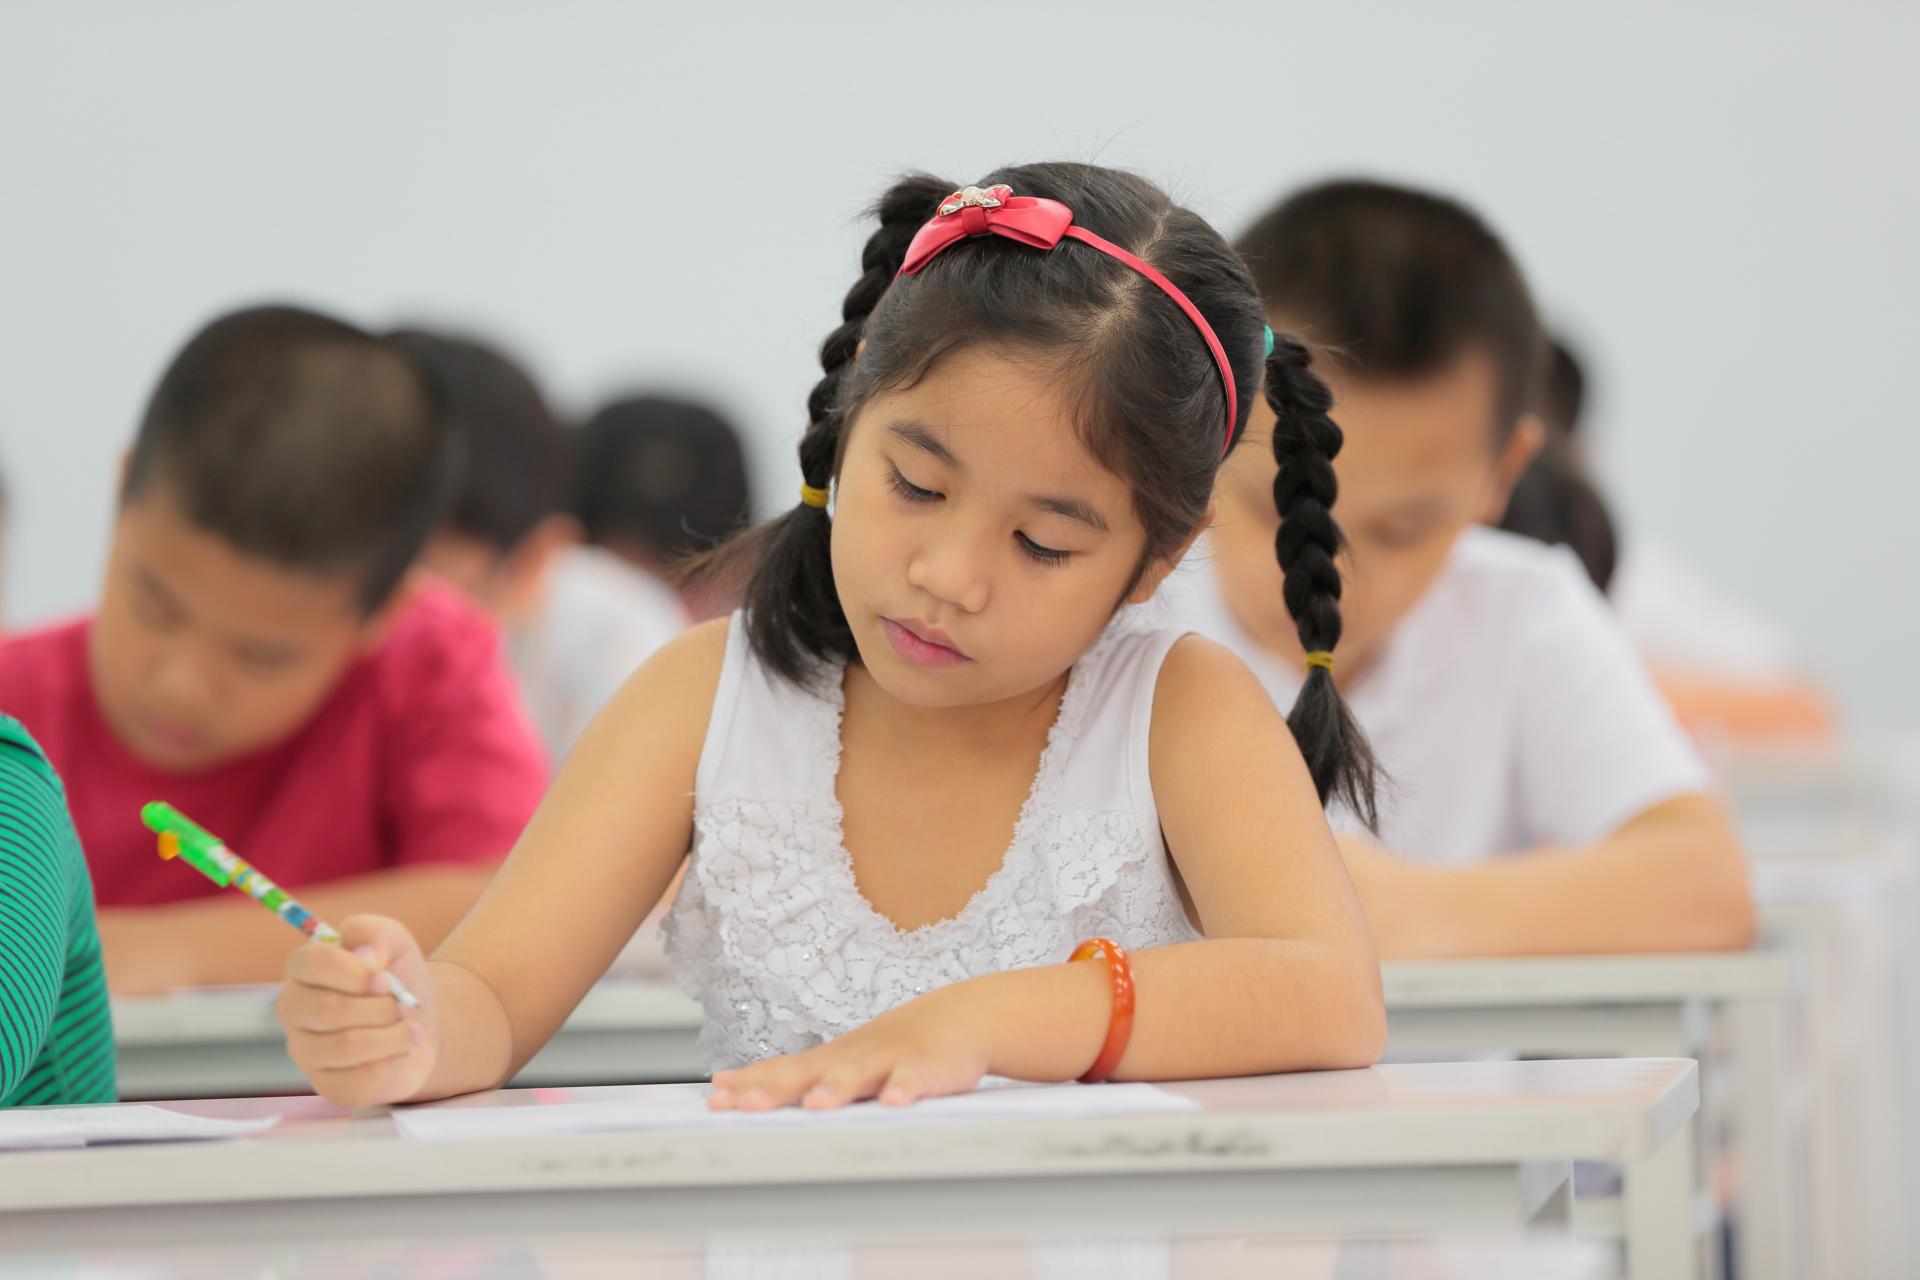 Học Toán thế nào để không khiến con trẻ cảm thấy áp lực? - Ảnh 1.